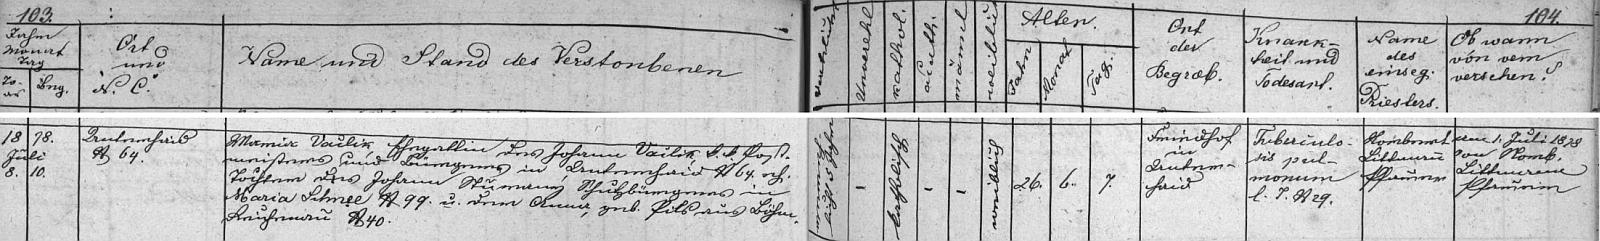 Podle tohoto záznamu úmrtní matriky farní obce Dolní Dvořiště skonala tu otcova druhá žena Maria ve věku 28 let (údaj o věku v úmrtní matrice je evidentně chybný) na tuberkulózu dne 18. července roku 1878 a byla v Dolním Dvořišti i pochována